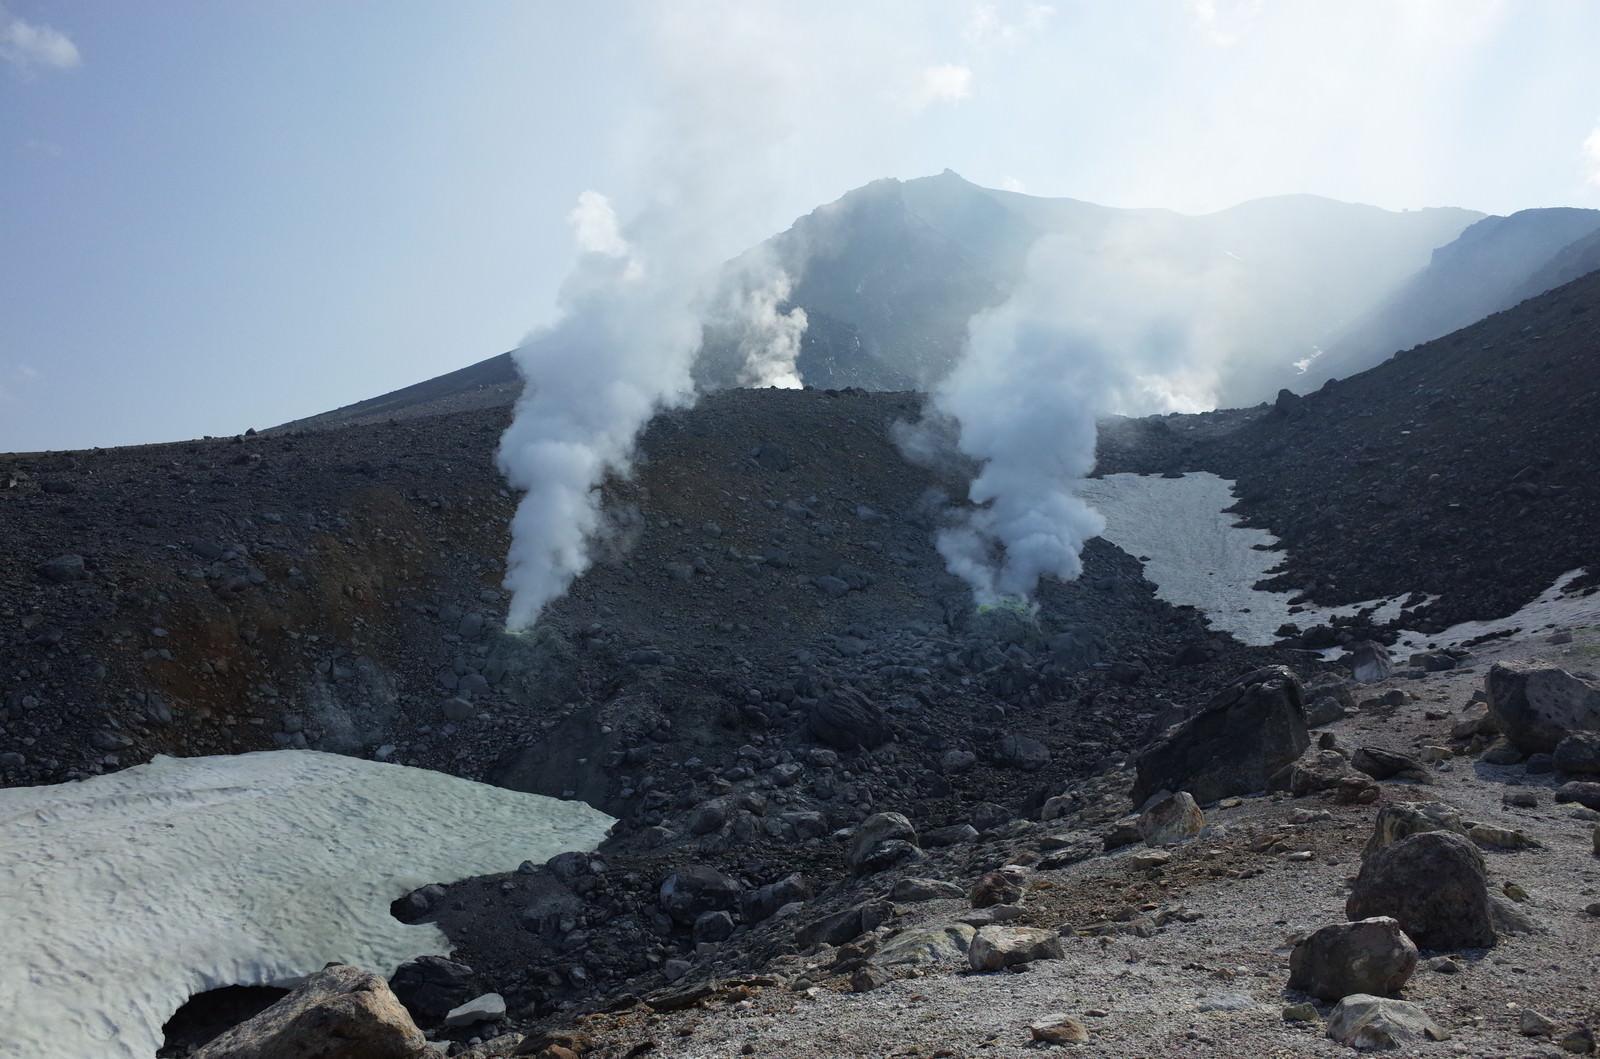 「噴煙を巻き上げる旭岳(あさひだけ)」の写真